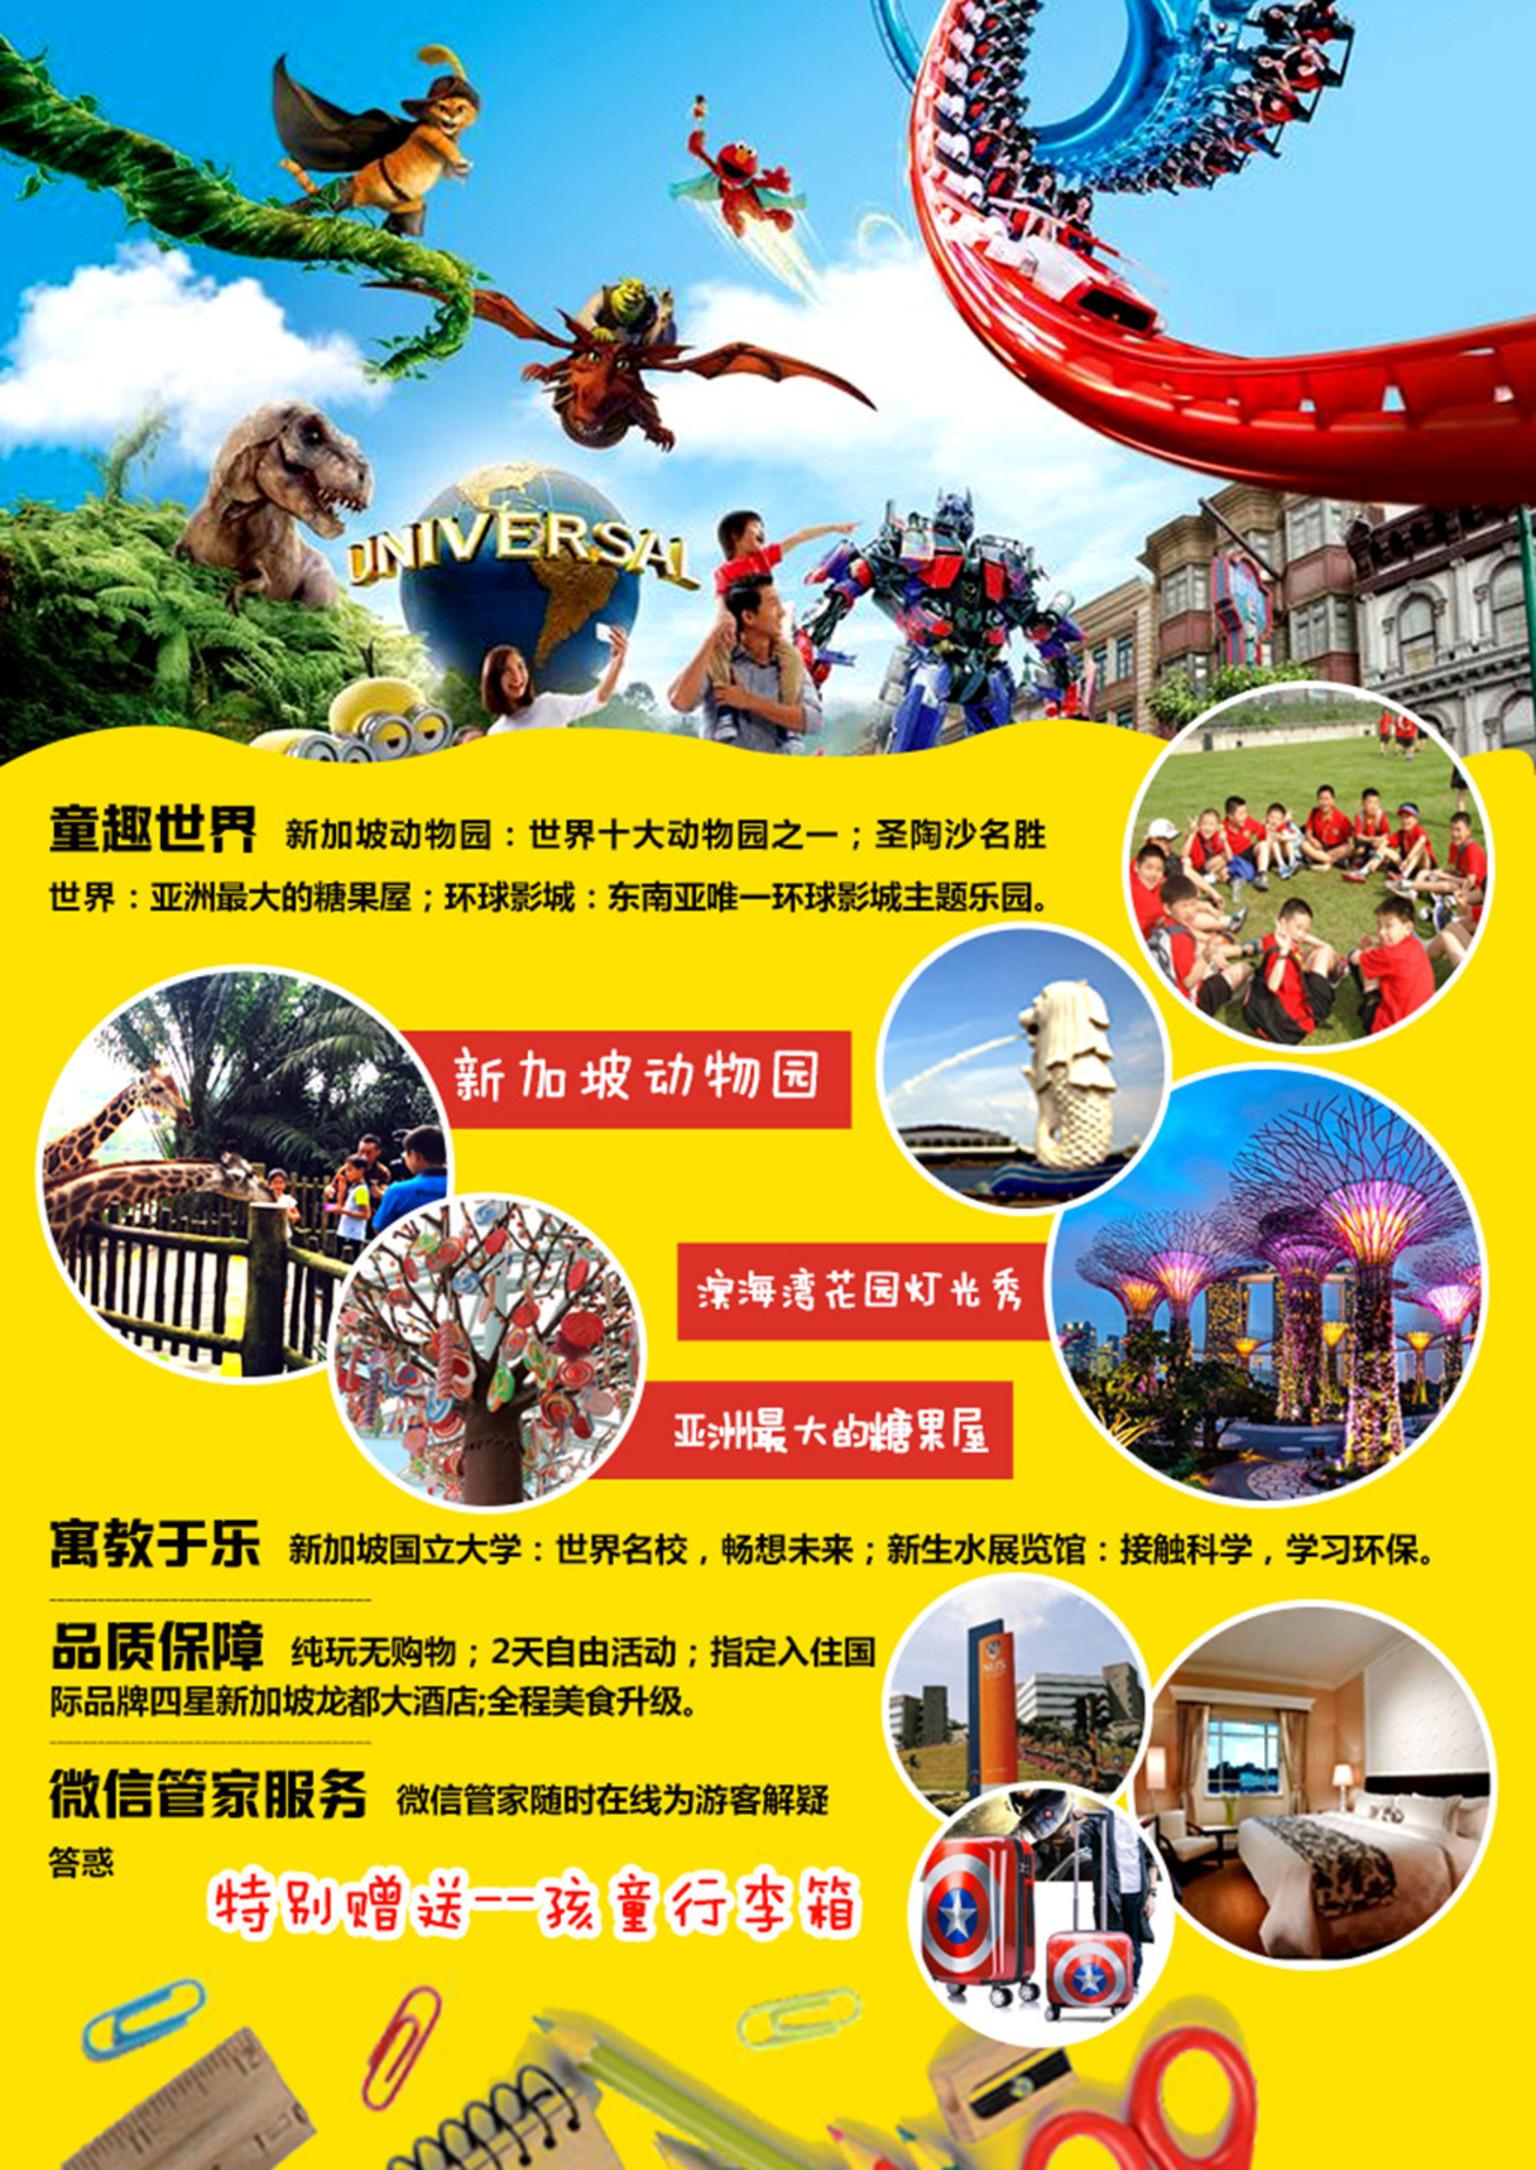 新加坡6晚7日游>英语移动课堂,环球影城,动物园,大榕树灯光秀,国际